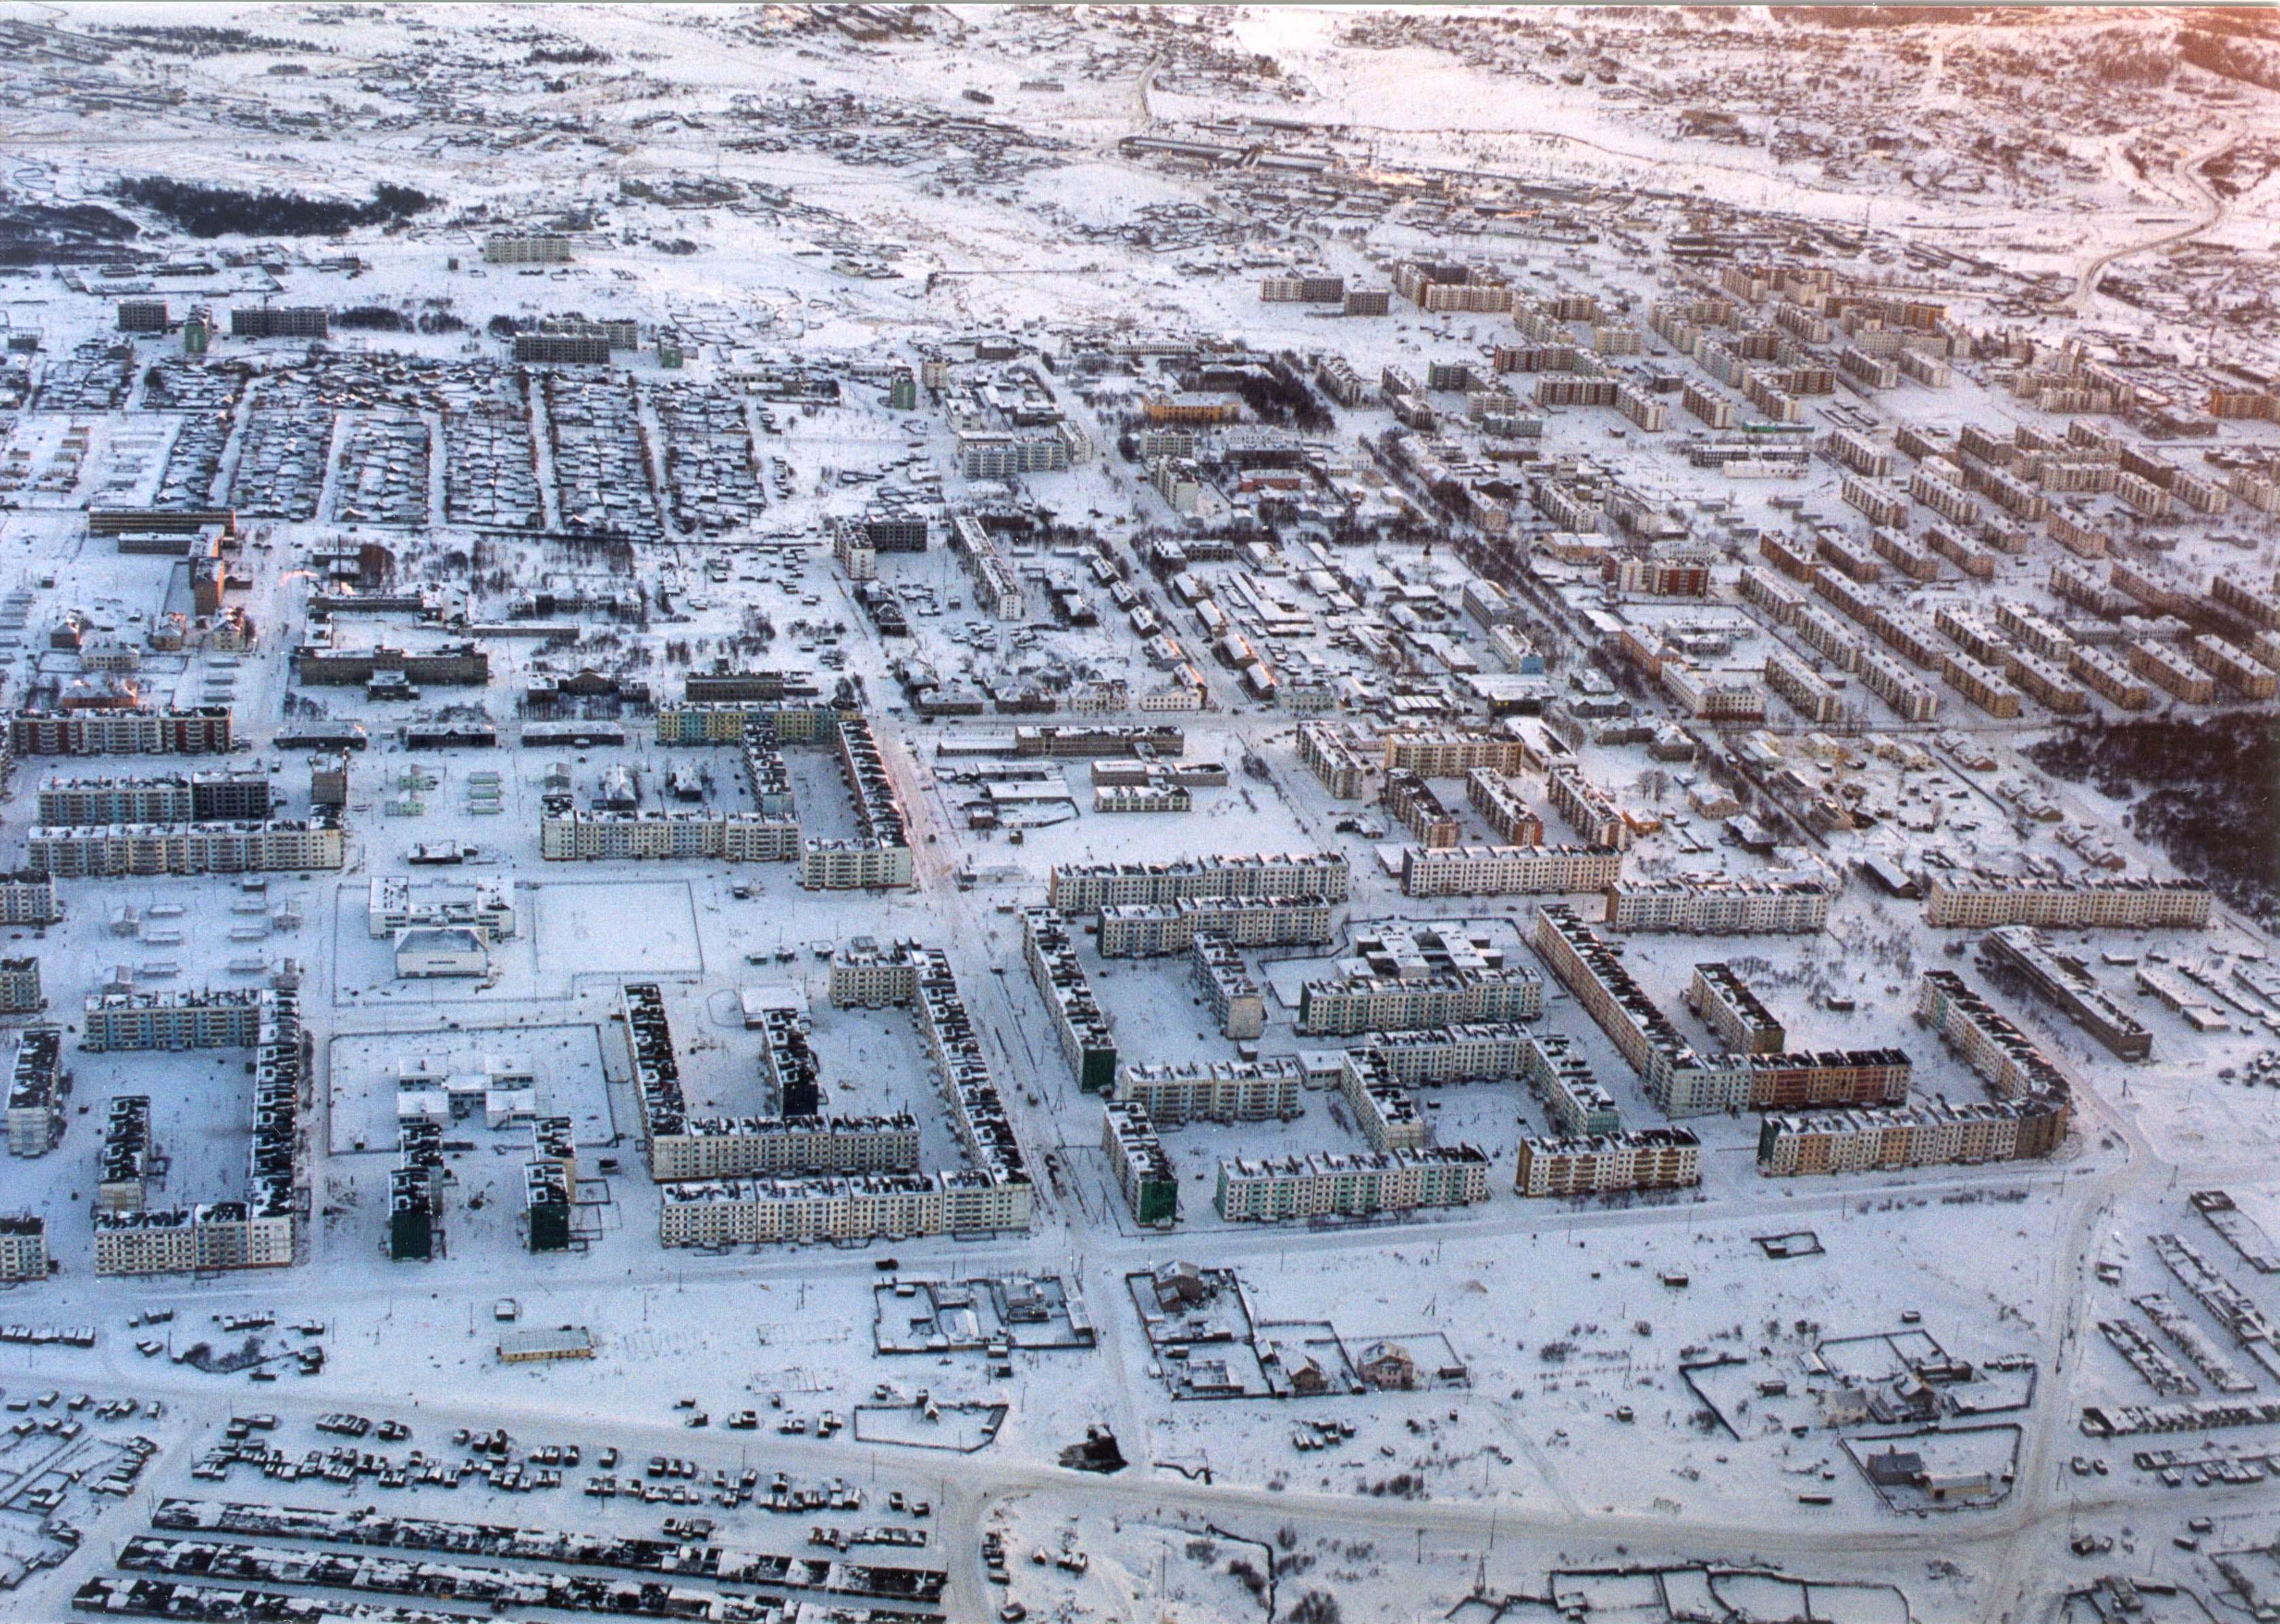 индивидуалки в городе южно сахалинске